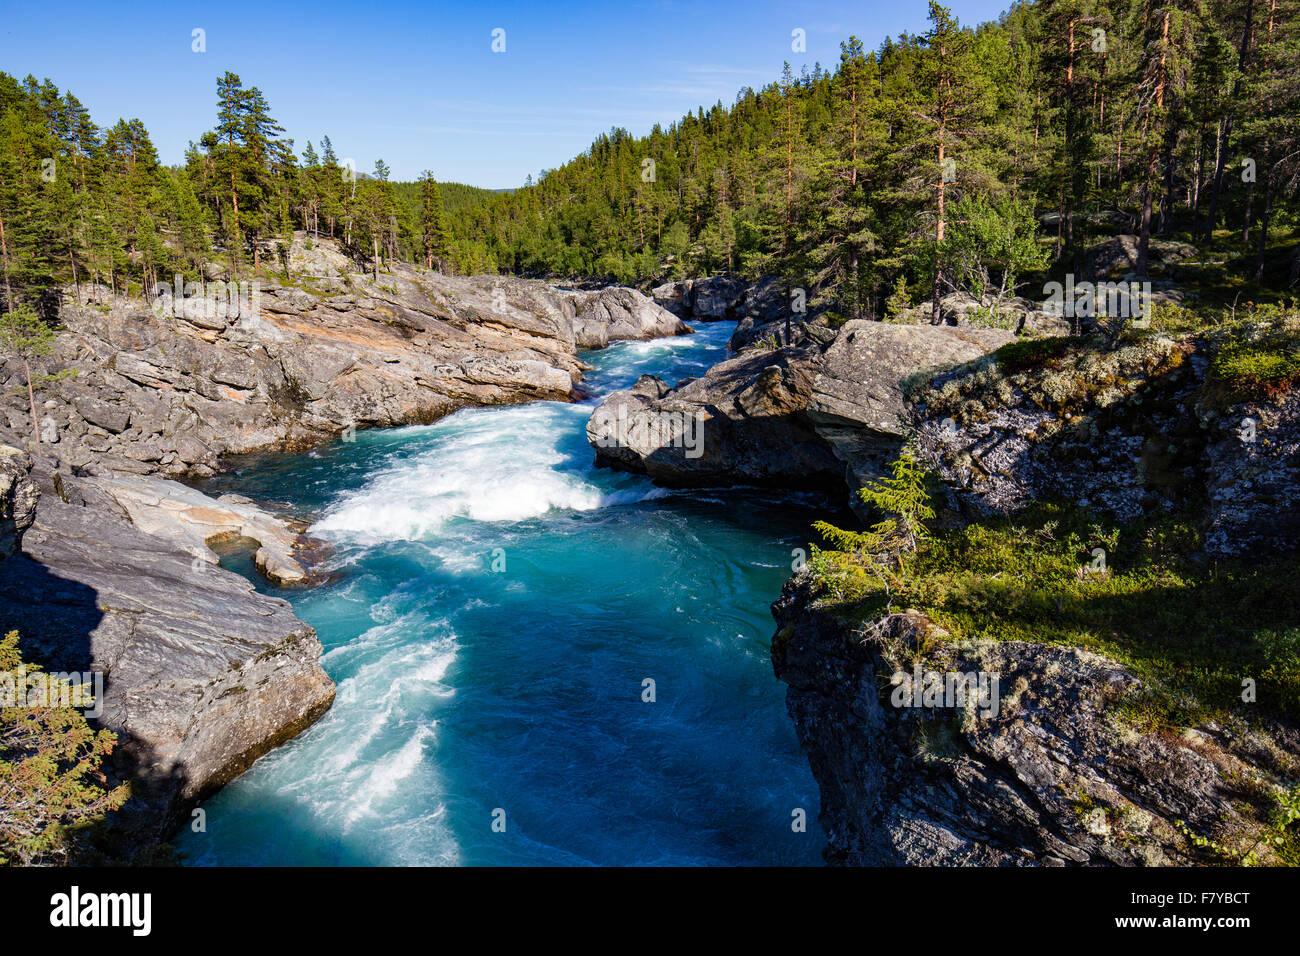 Ridderspranget ou Knight's Leap où une grande rivière est forcée à travers une gorge étroite dans le parc national Banque D'Images